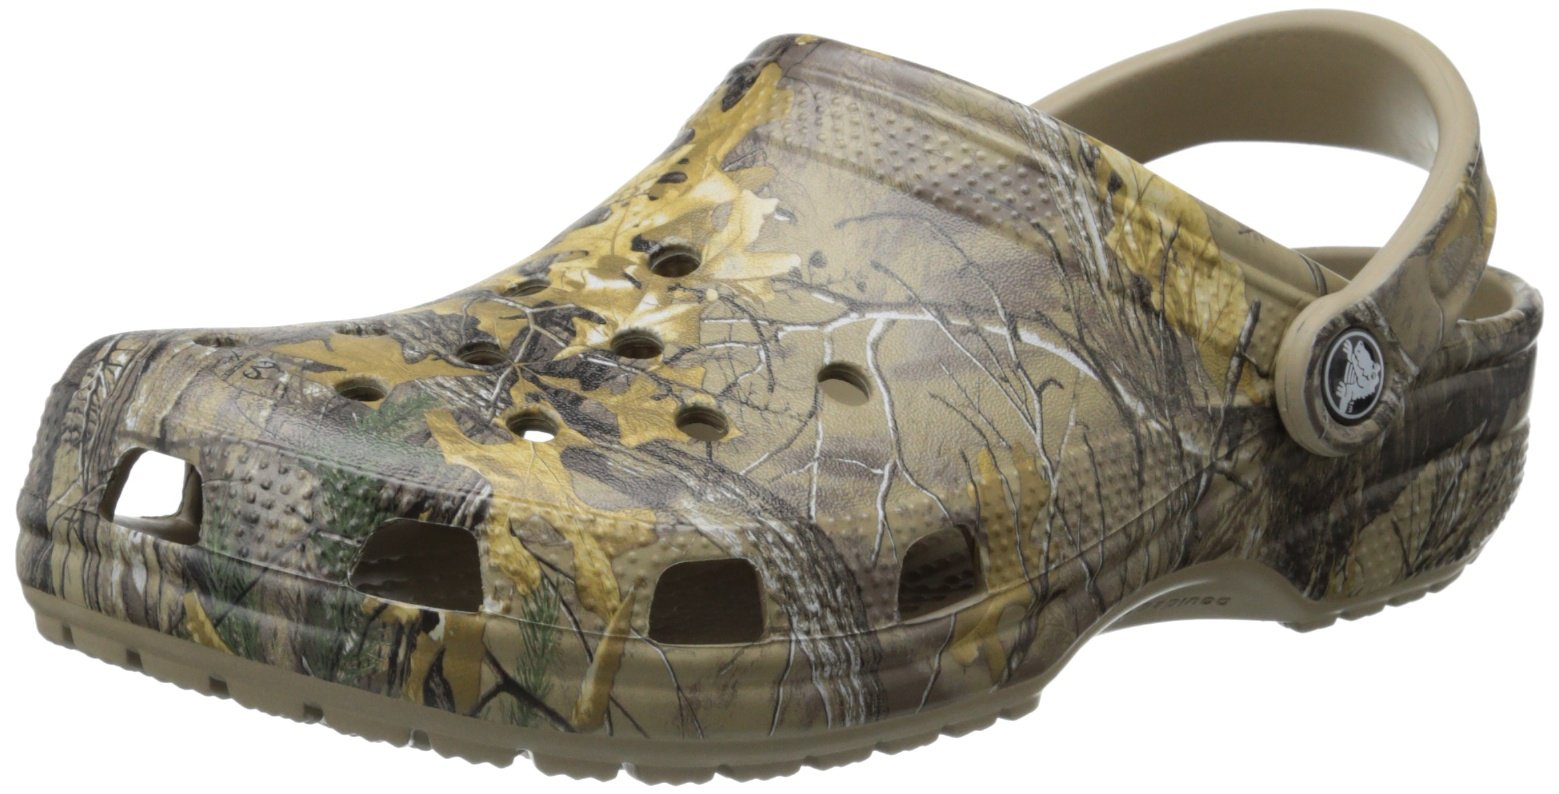 Crocs Men's 15581 Classic Realtree Xtra Clog, Khaki, 13 M US